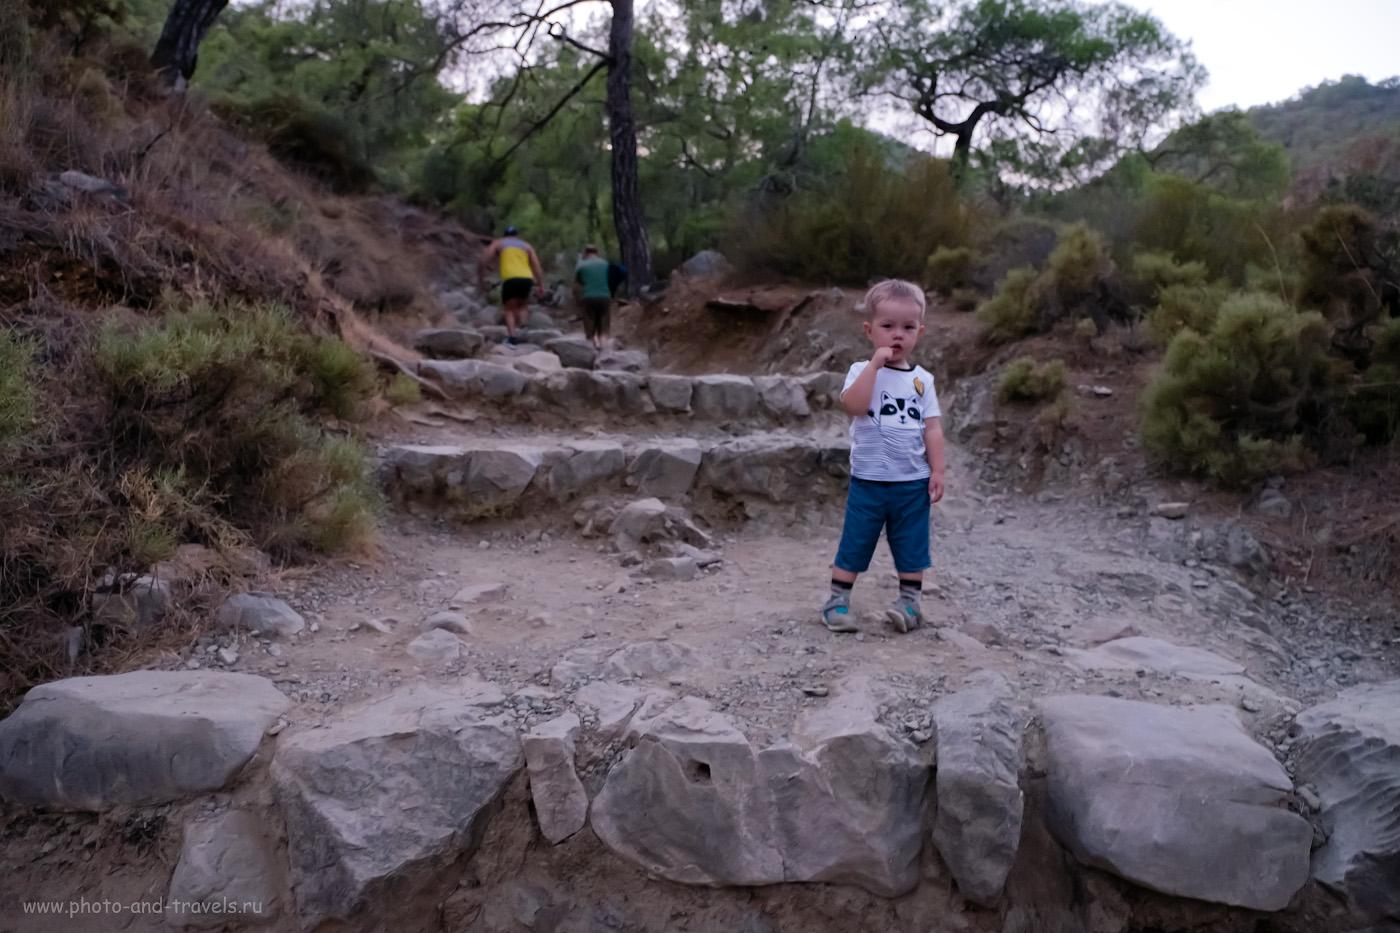 2. Так выглядит тропа на гору Химера в поселке Чиралы. Отзыв о восхождении с маленьким ребенком. 0.13, 2.8, 3200, +0.33, 16.